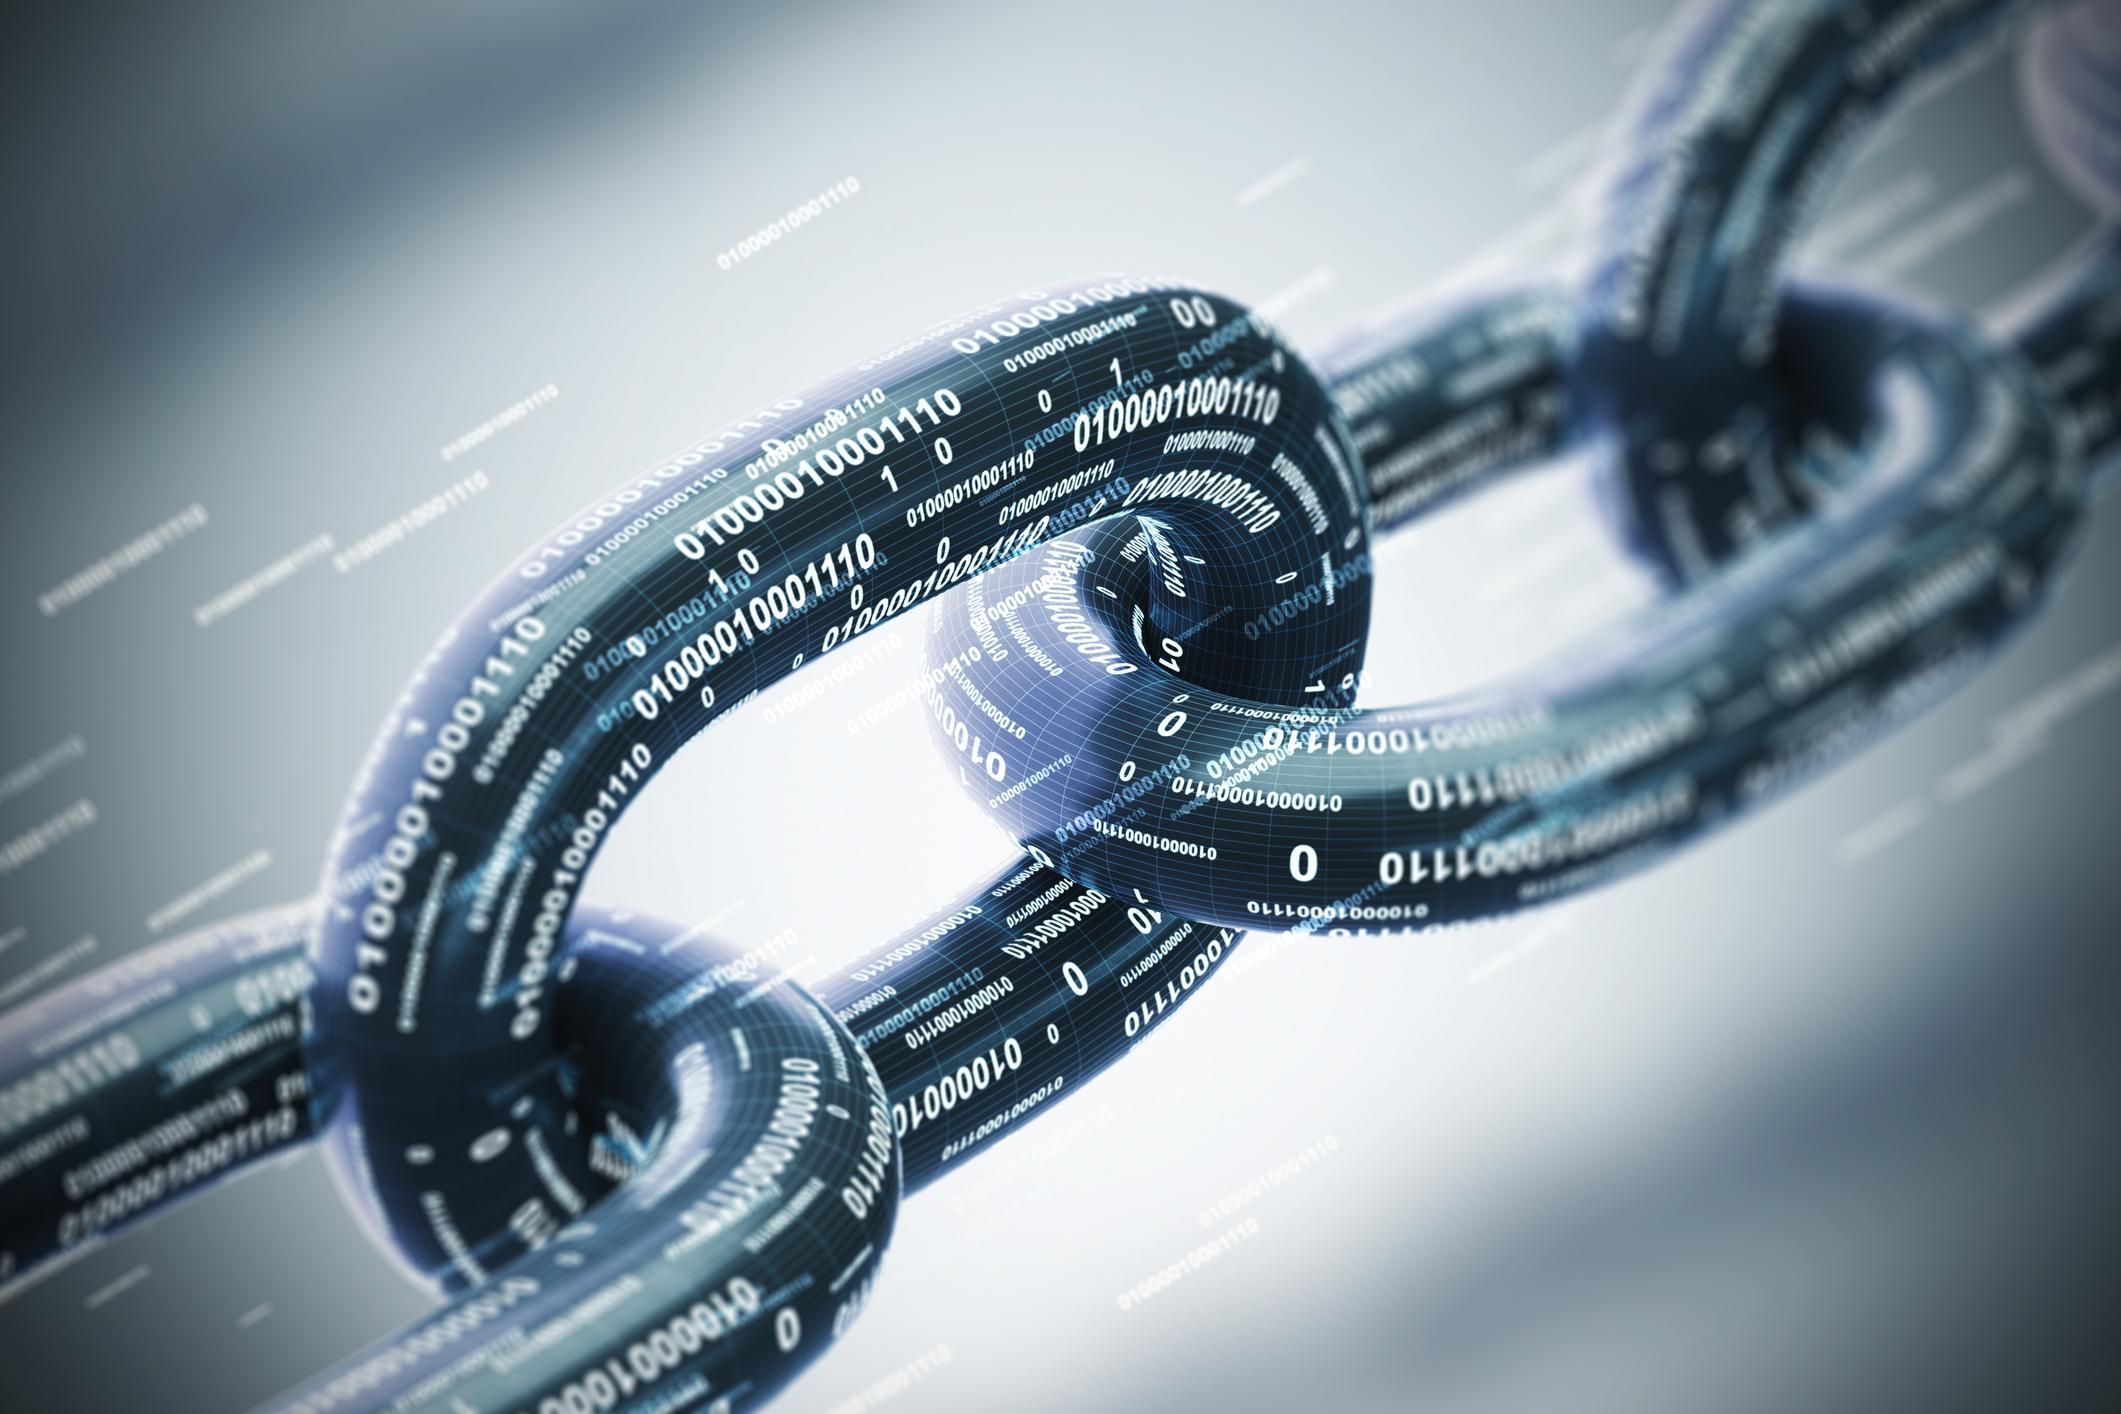 Finanțări pentru dezvoltarea de soluții bazate pe blockchain